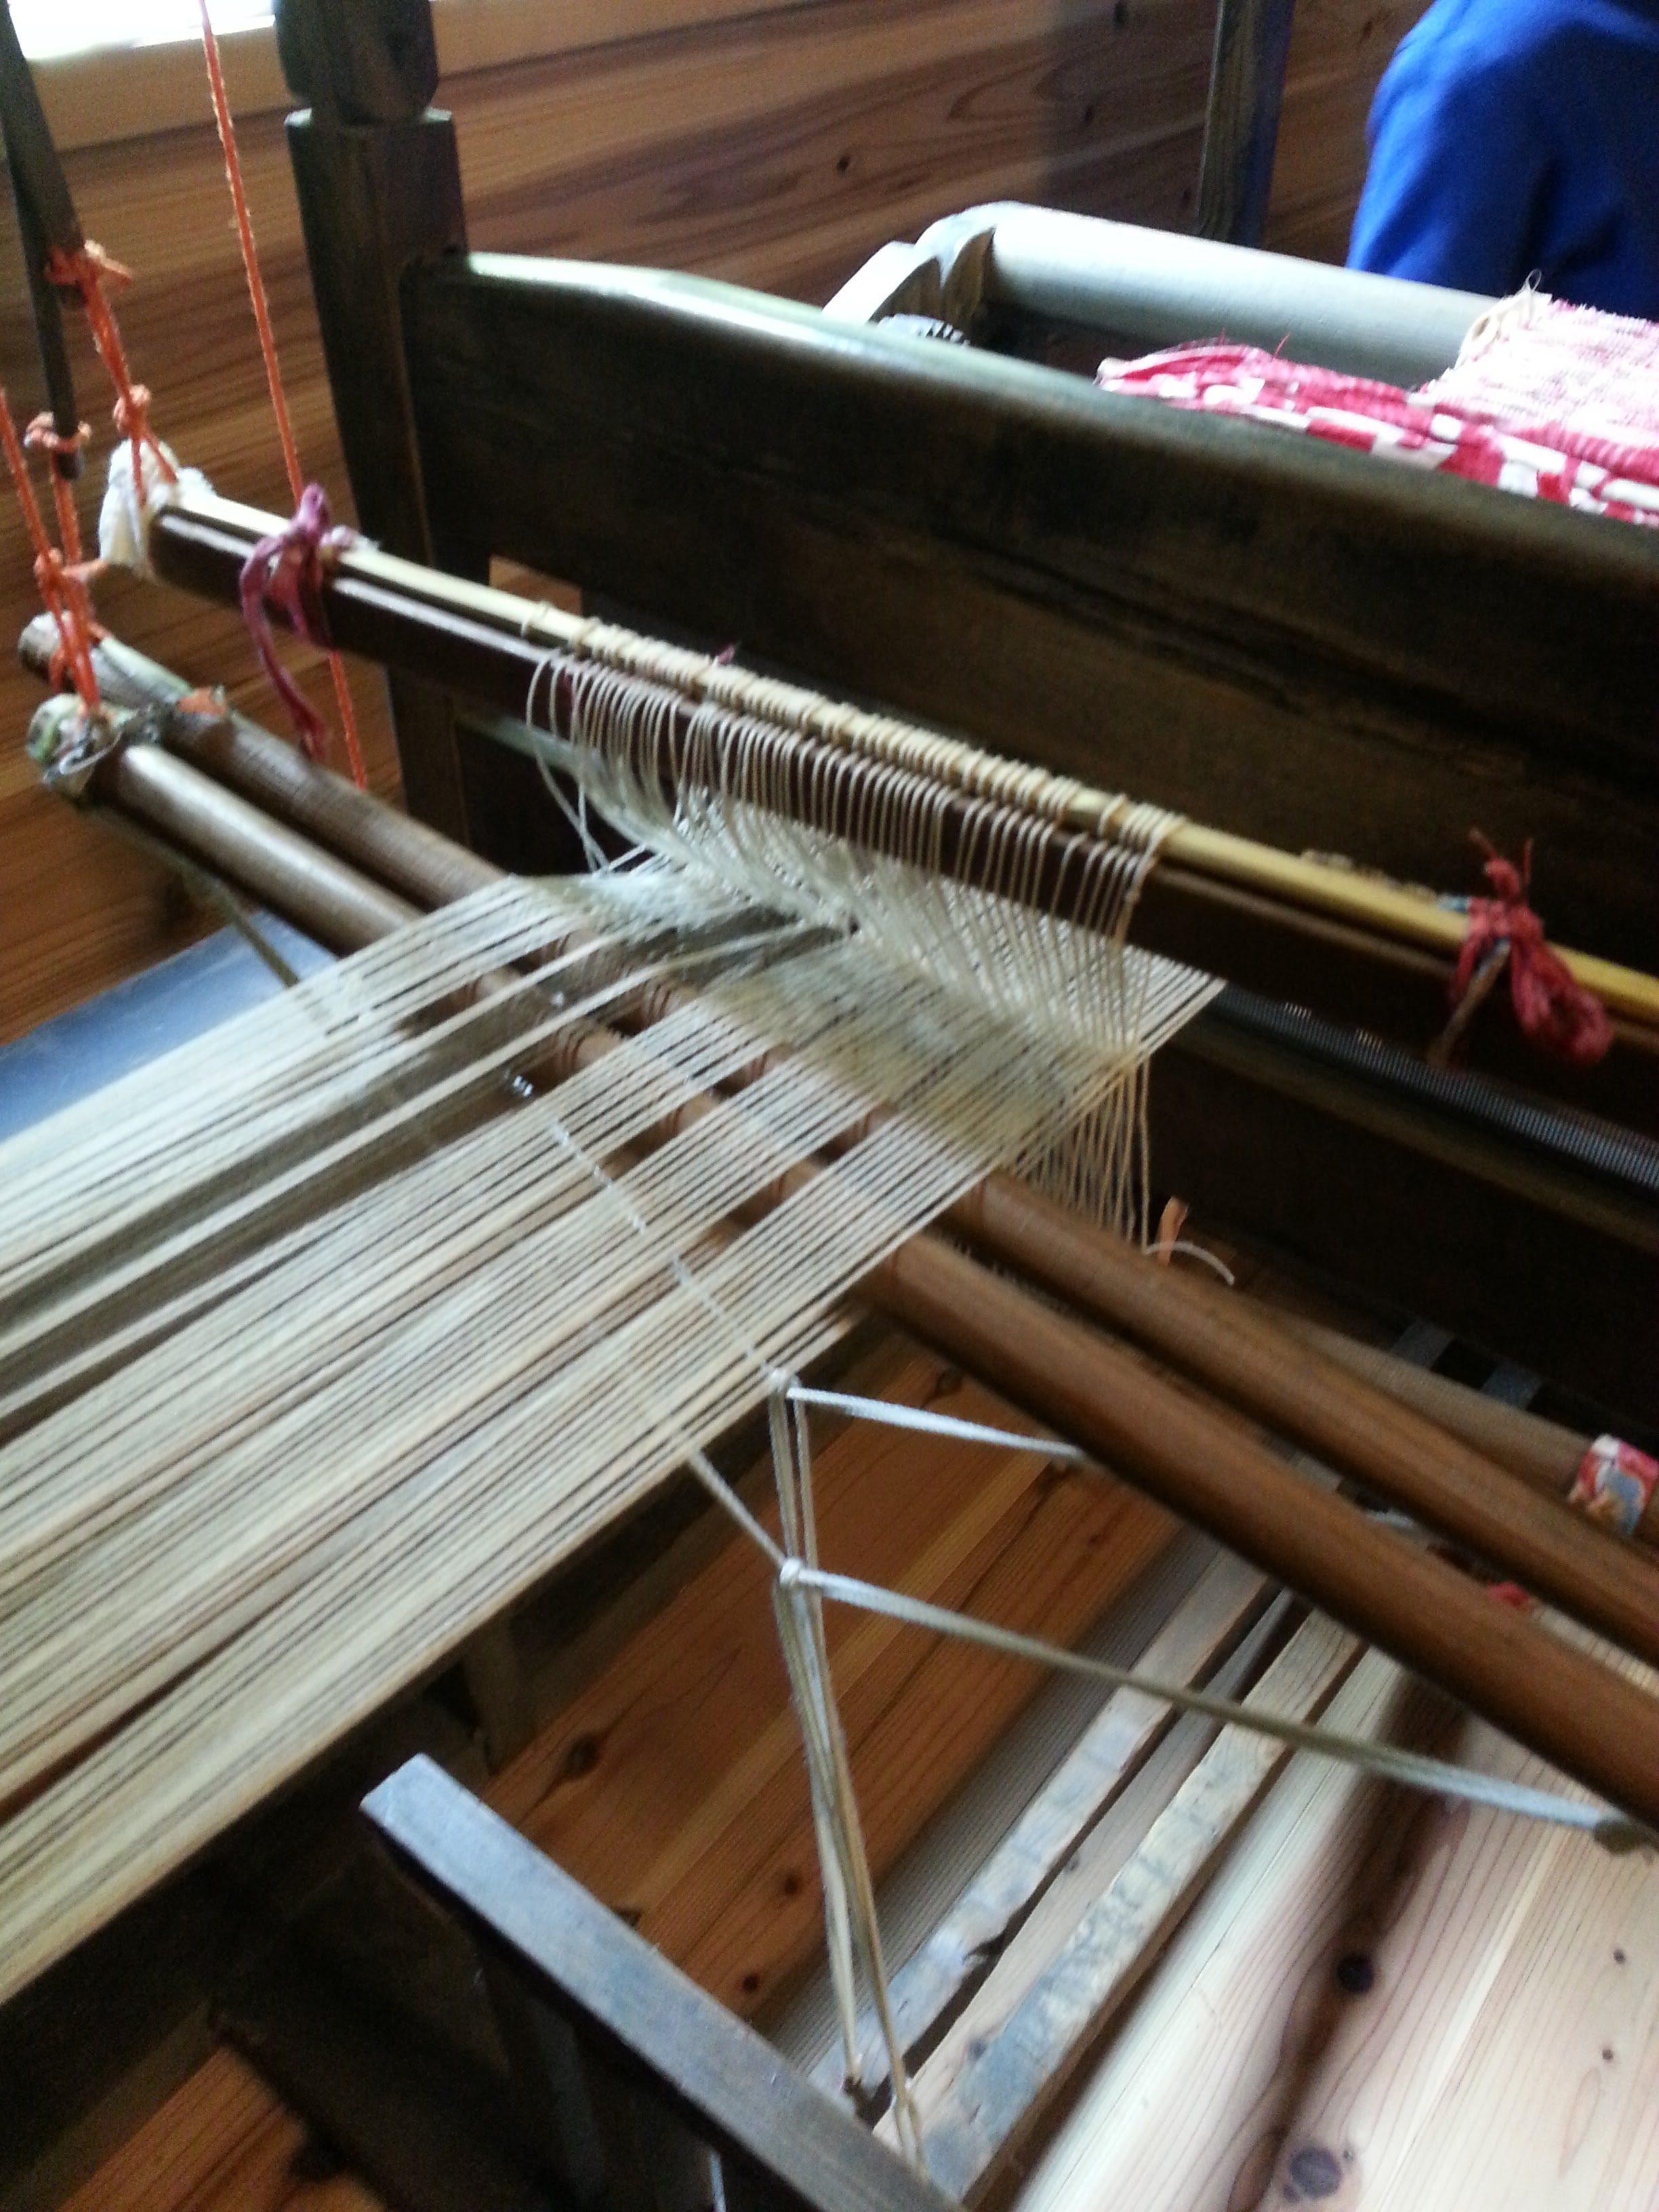 縦糸にかかってる糸の輪も毎回手作業で結んでいく。聞いただけで気が遠くなる。。。